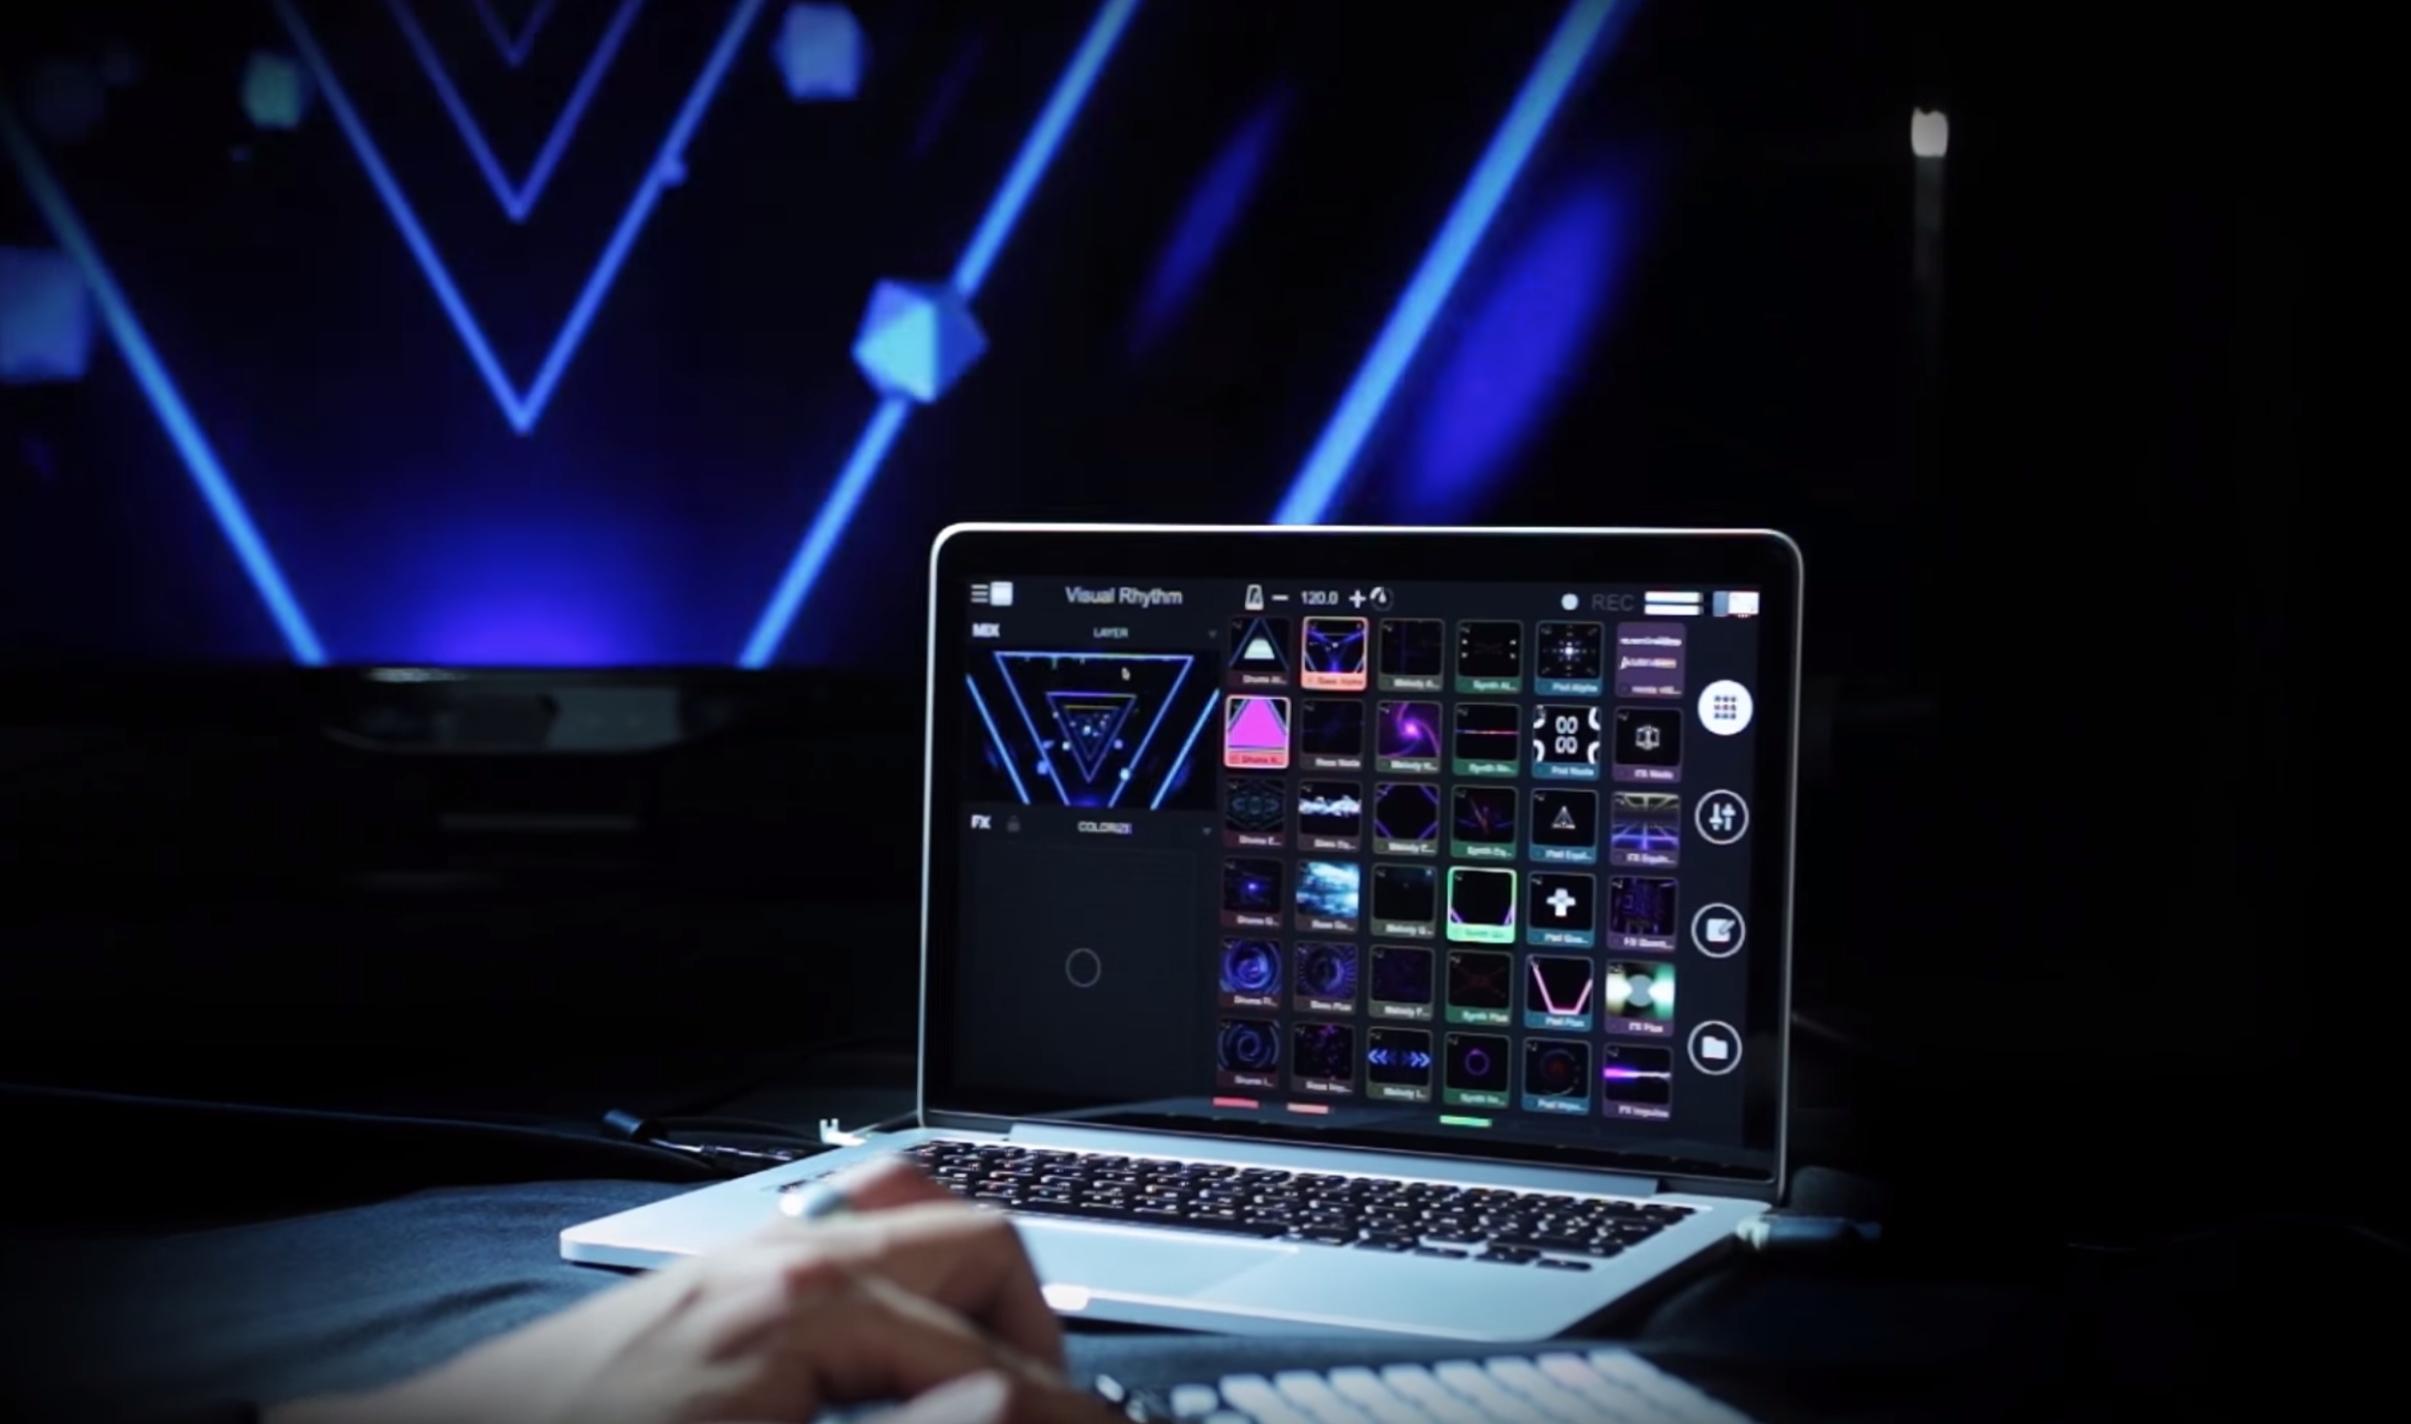 Die VJ-App Remixvideo von Mixvibes gibt es ab sofort in zwei Versionen